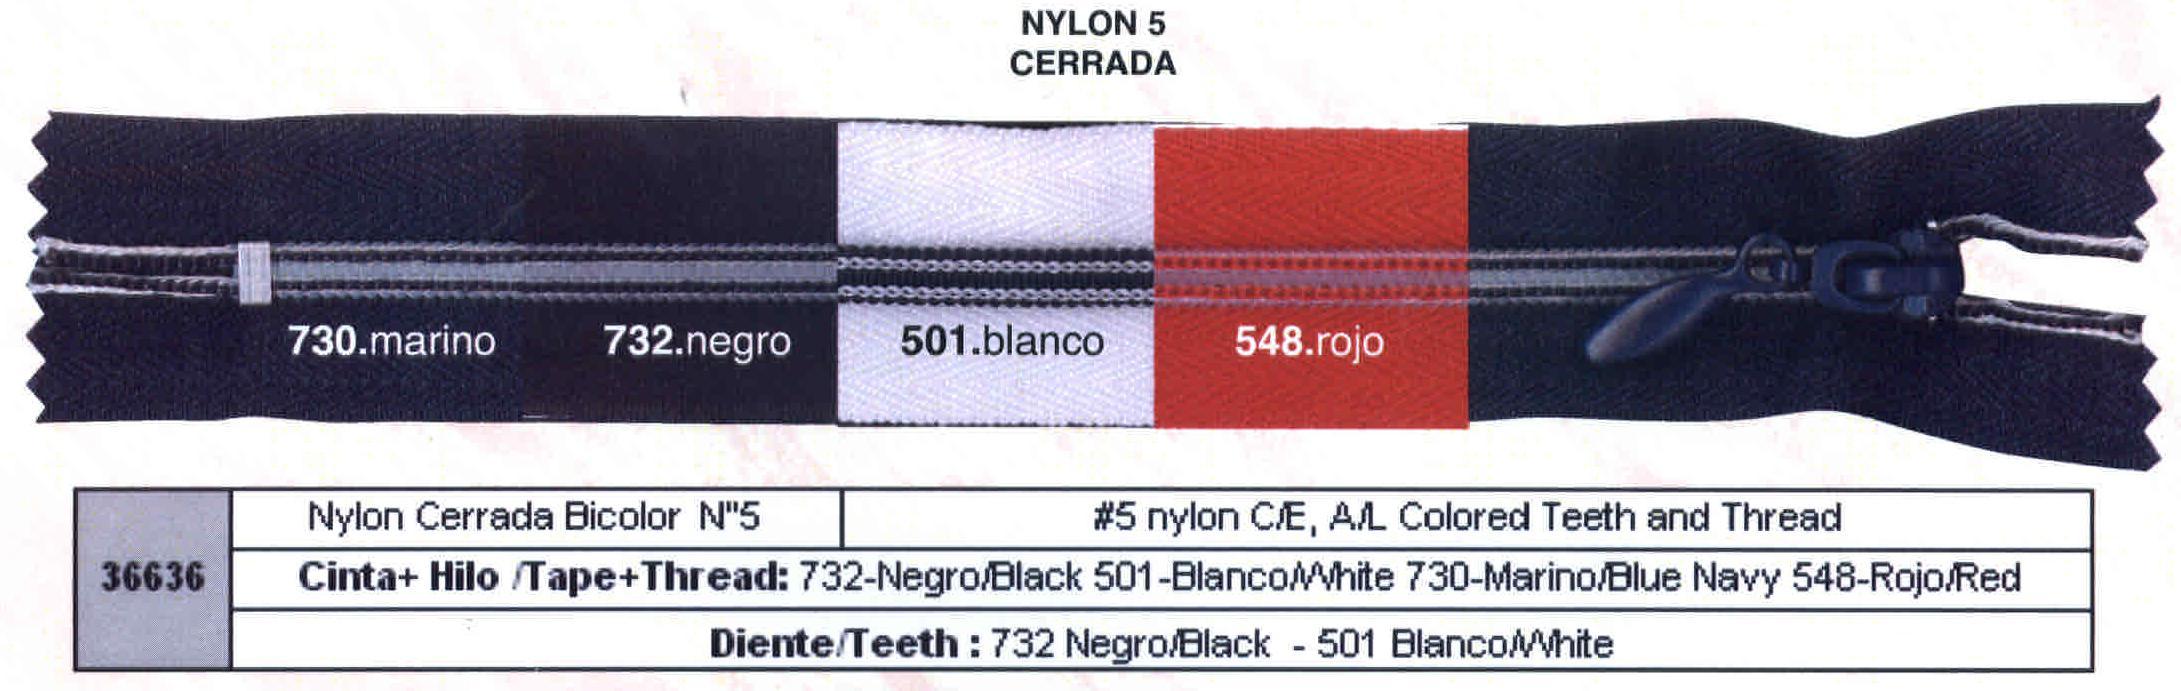 Cremallera SNS Nylon Cerrada M-5 Hilo y dientes de color